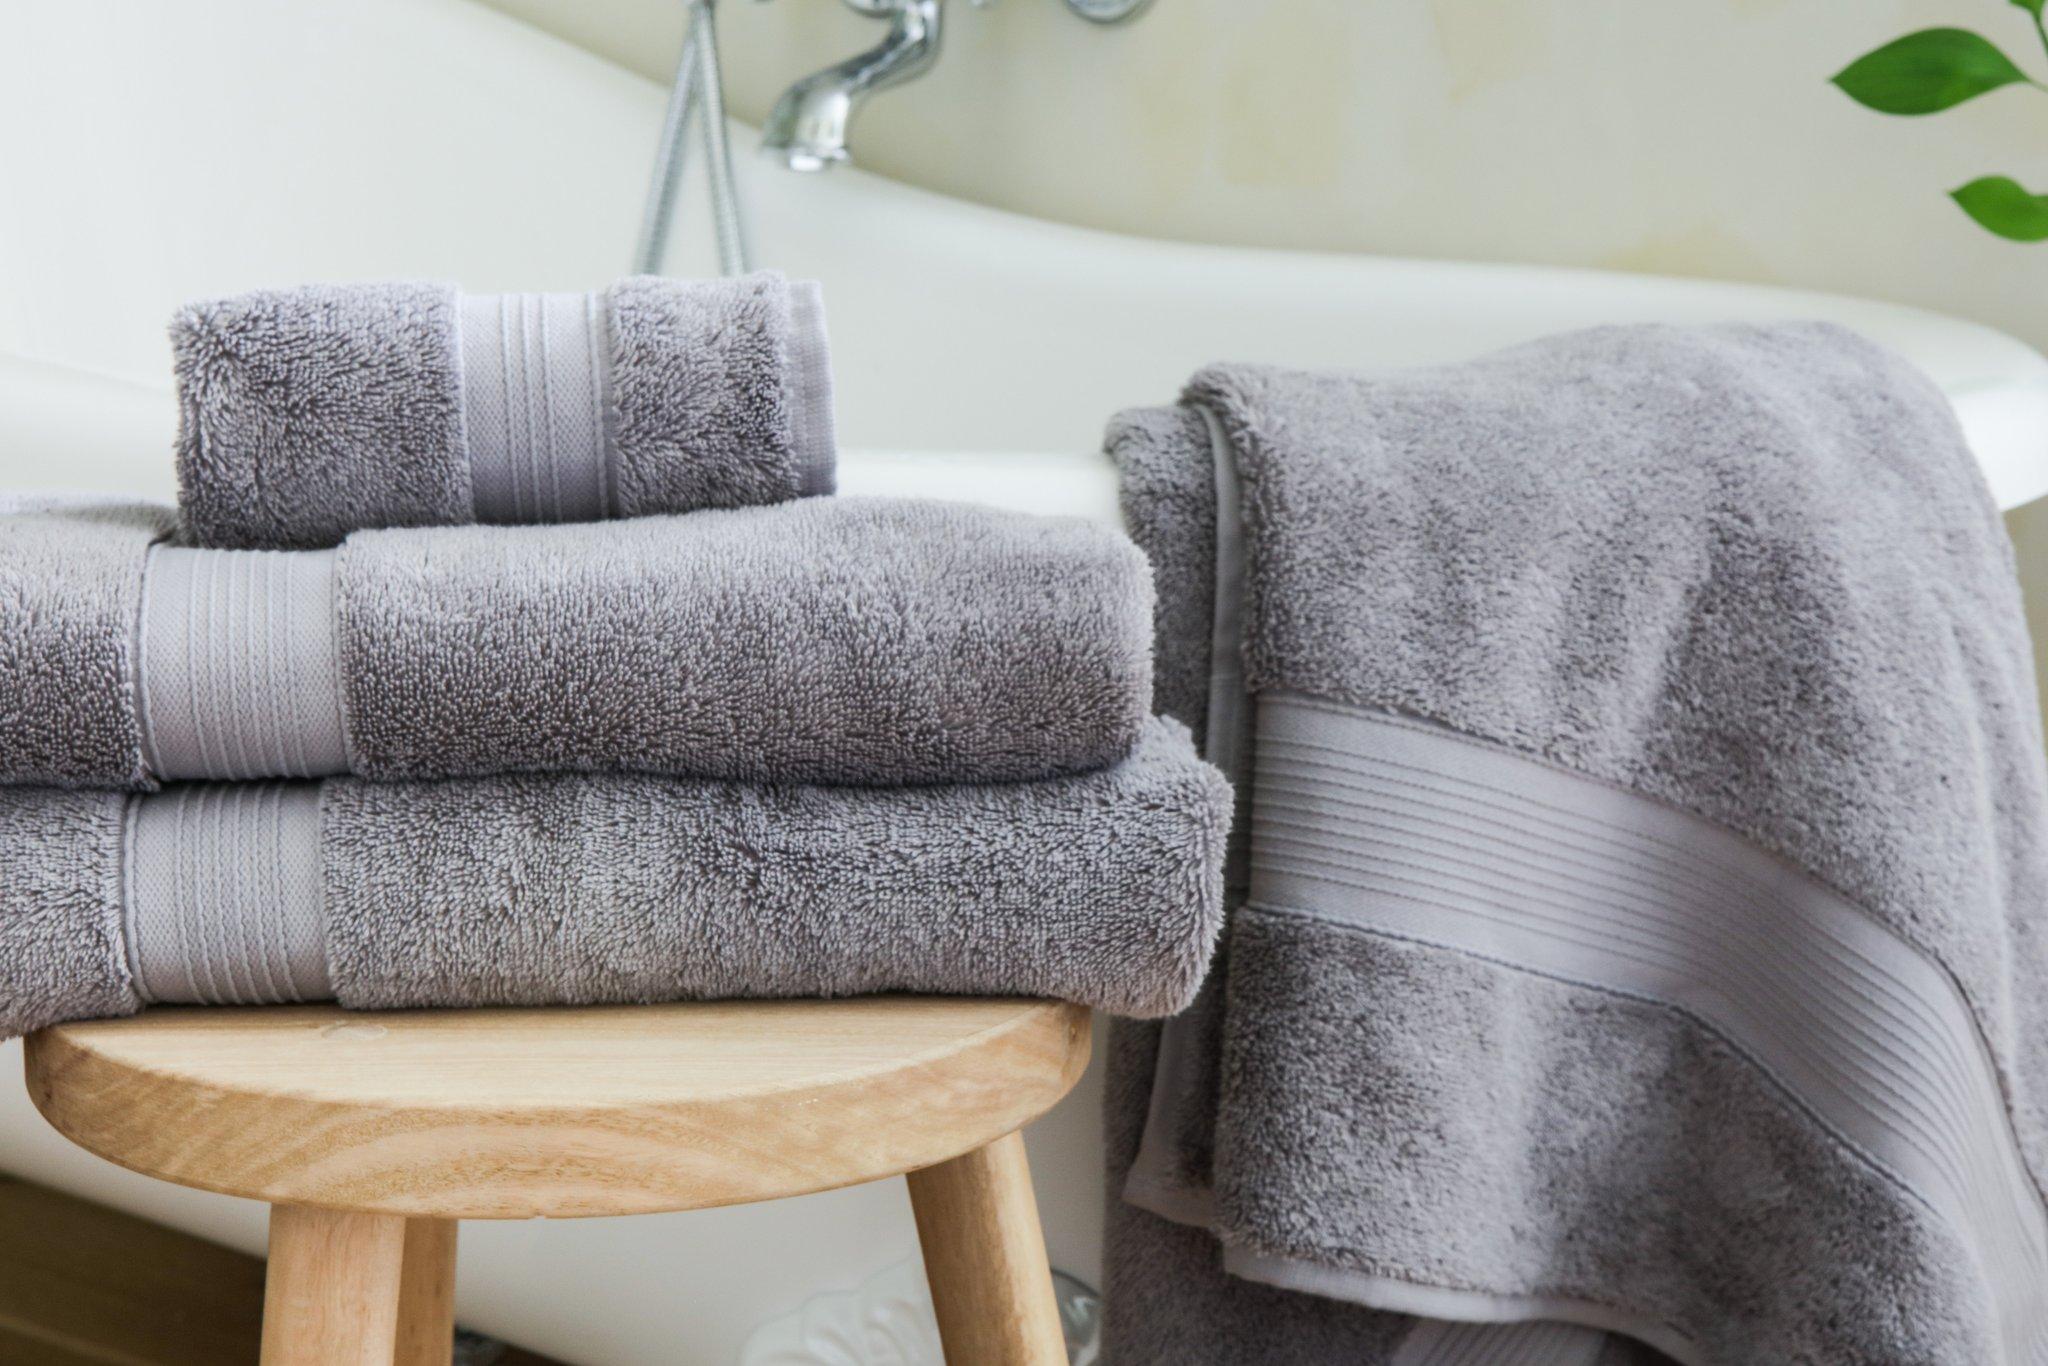 Antes de decir cu les son las mejores toallas del mundo - Cuales son las mejores toallas ...